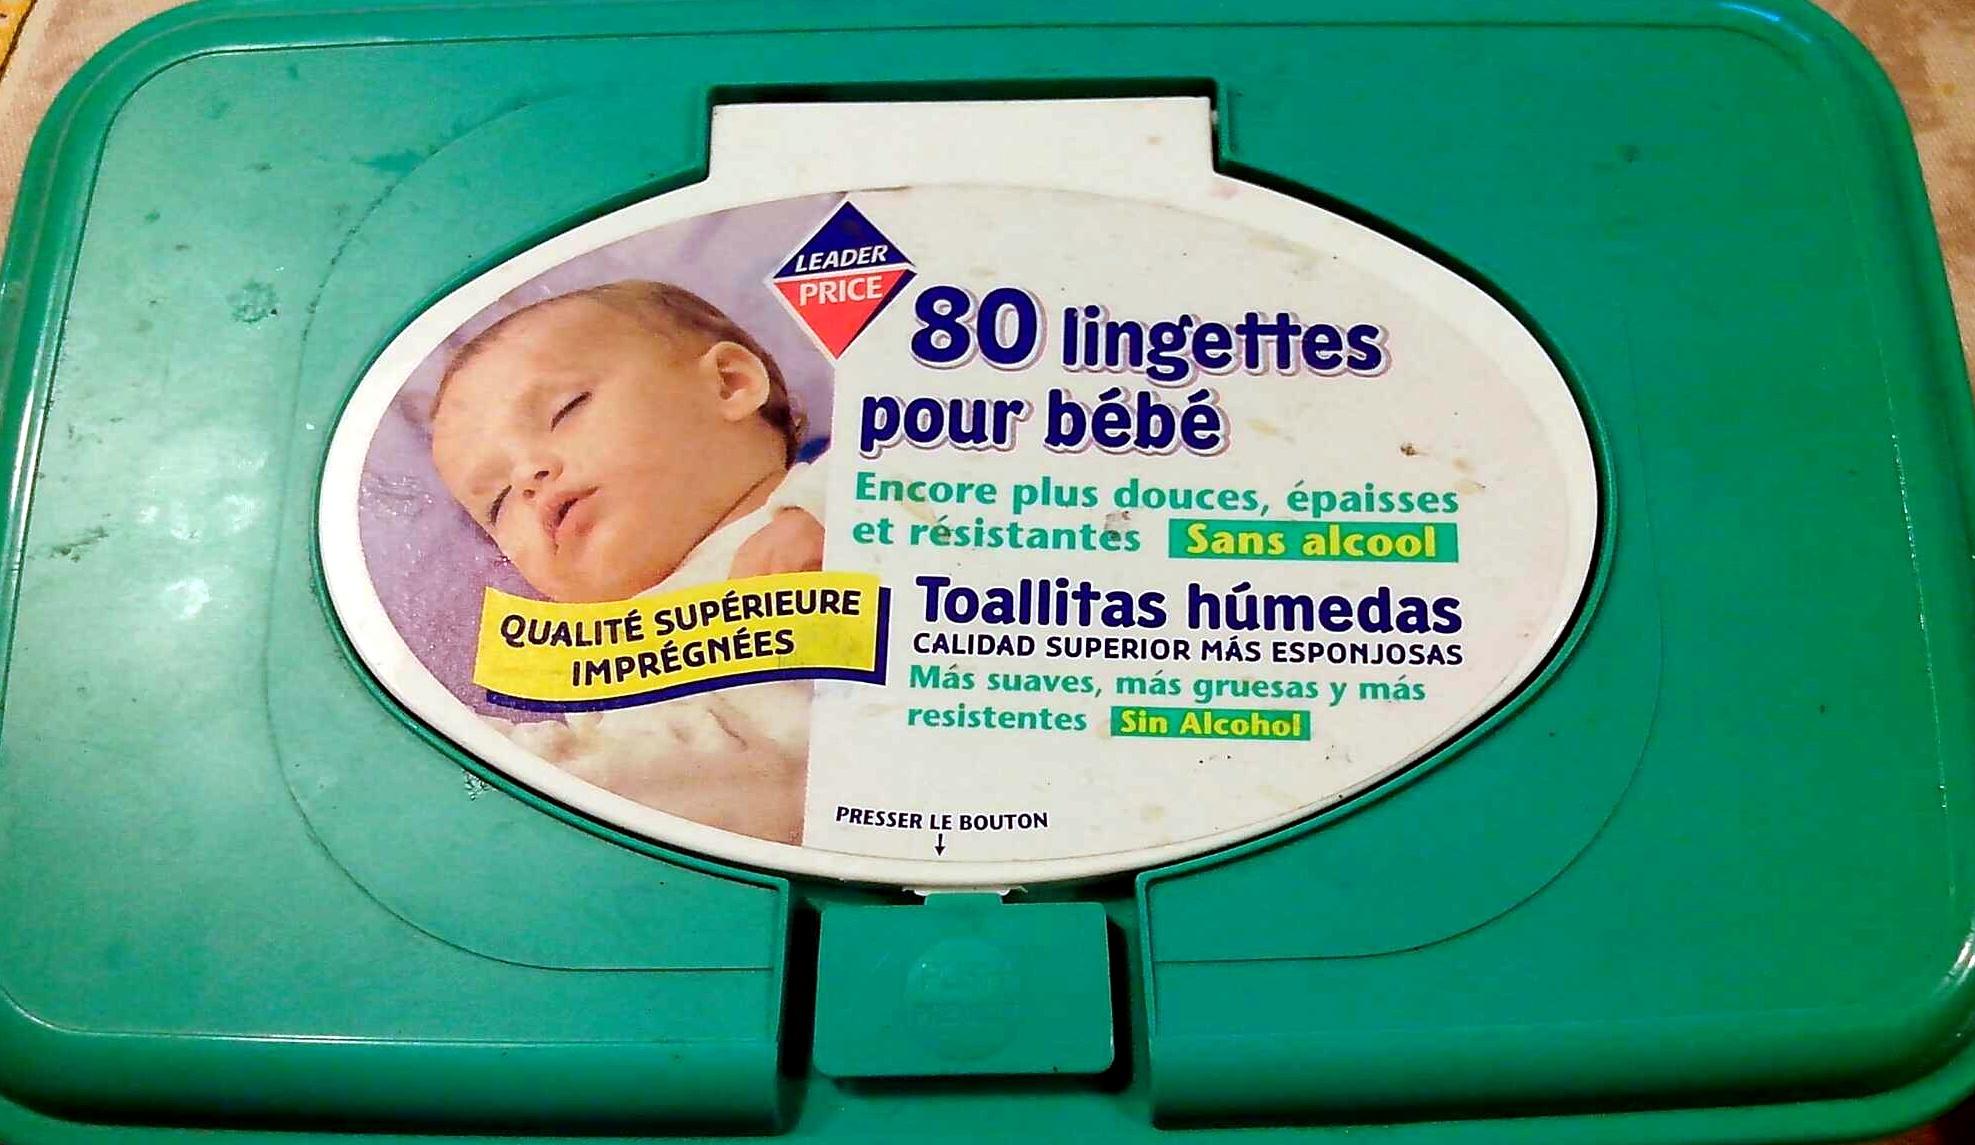 80 lingettes pour bébé - Product - fr